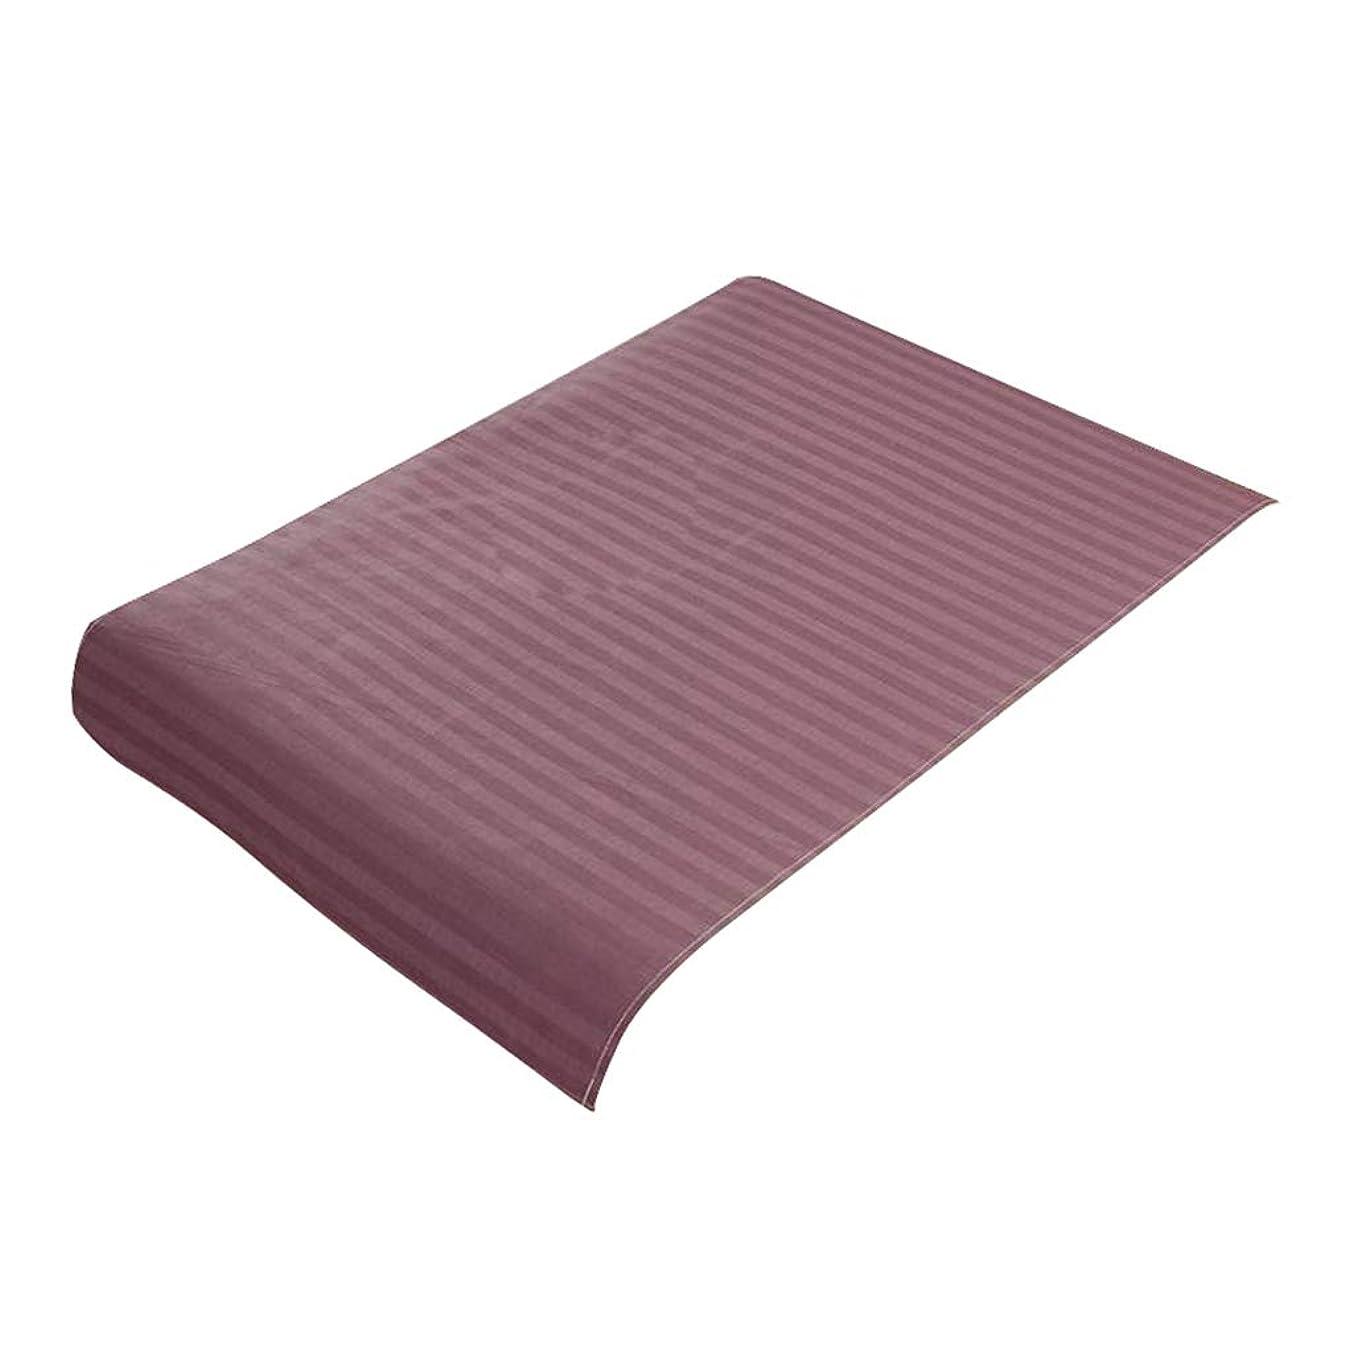 スペイン語アヒル減るPerfeclan ベッドカバー 美容 サロン スパ マッサージ ベッドシート フェース用 ピュアコットン - 紫